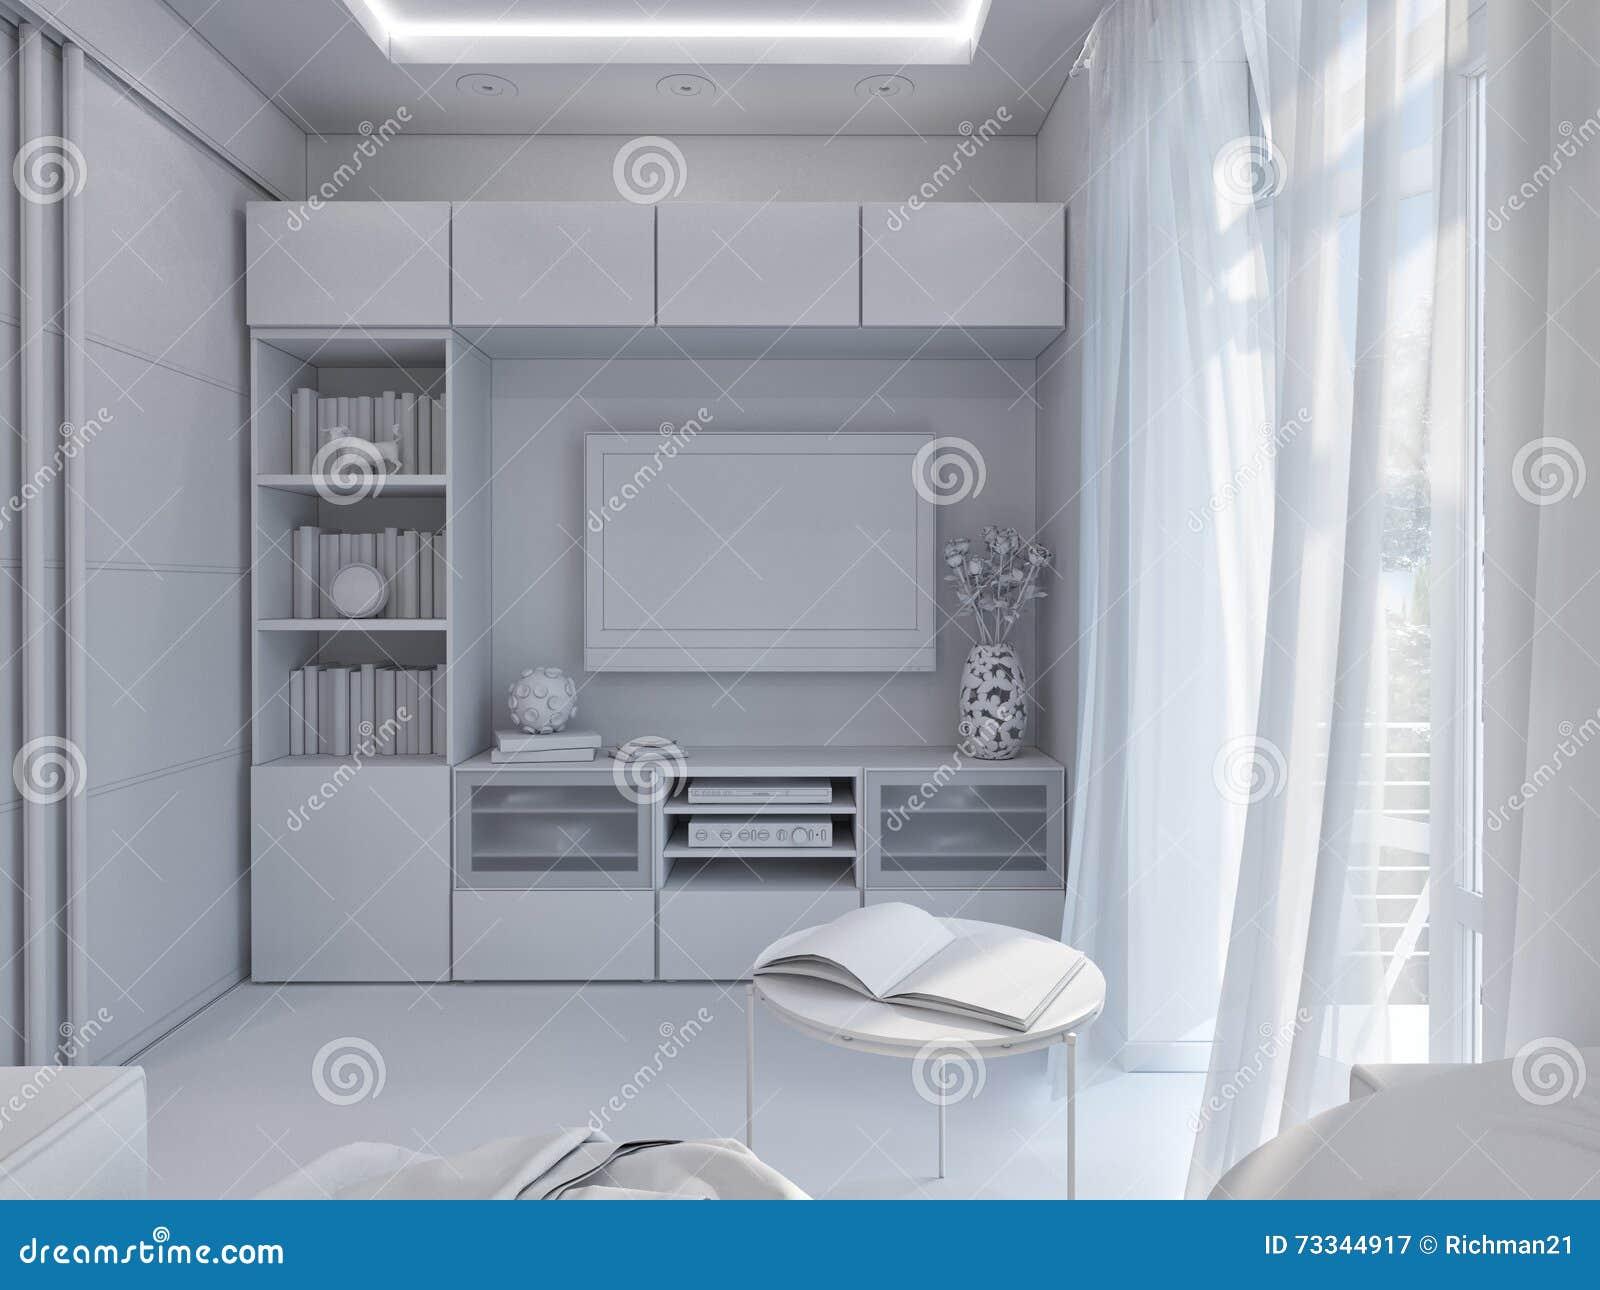 3d rendering living room interior design stock for Minimalist studio apartment interior design